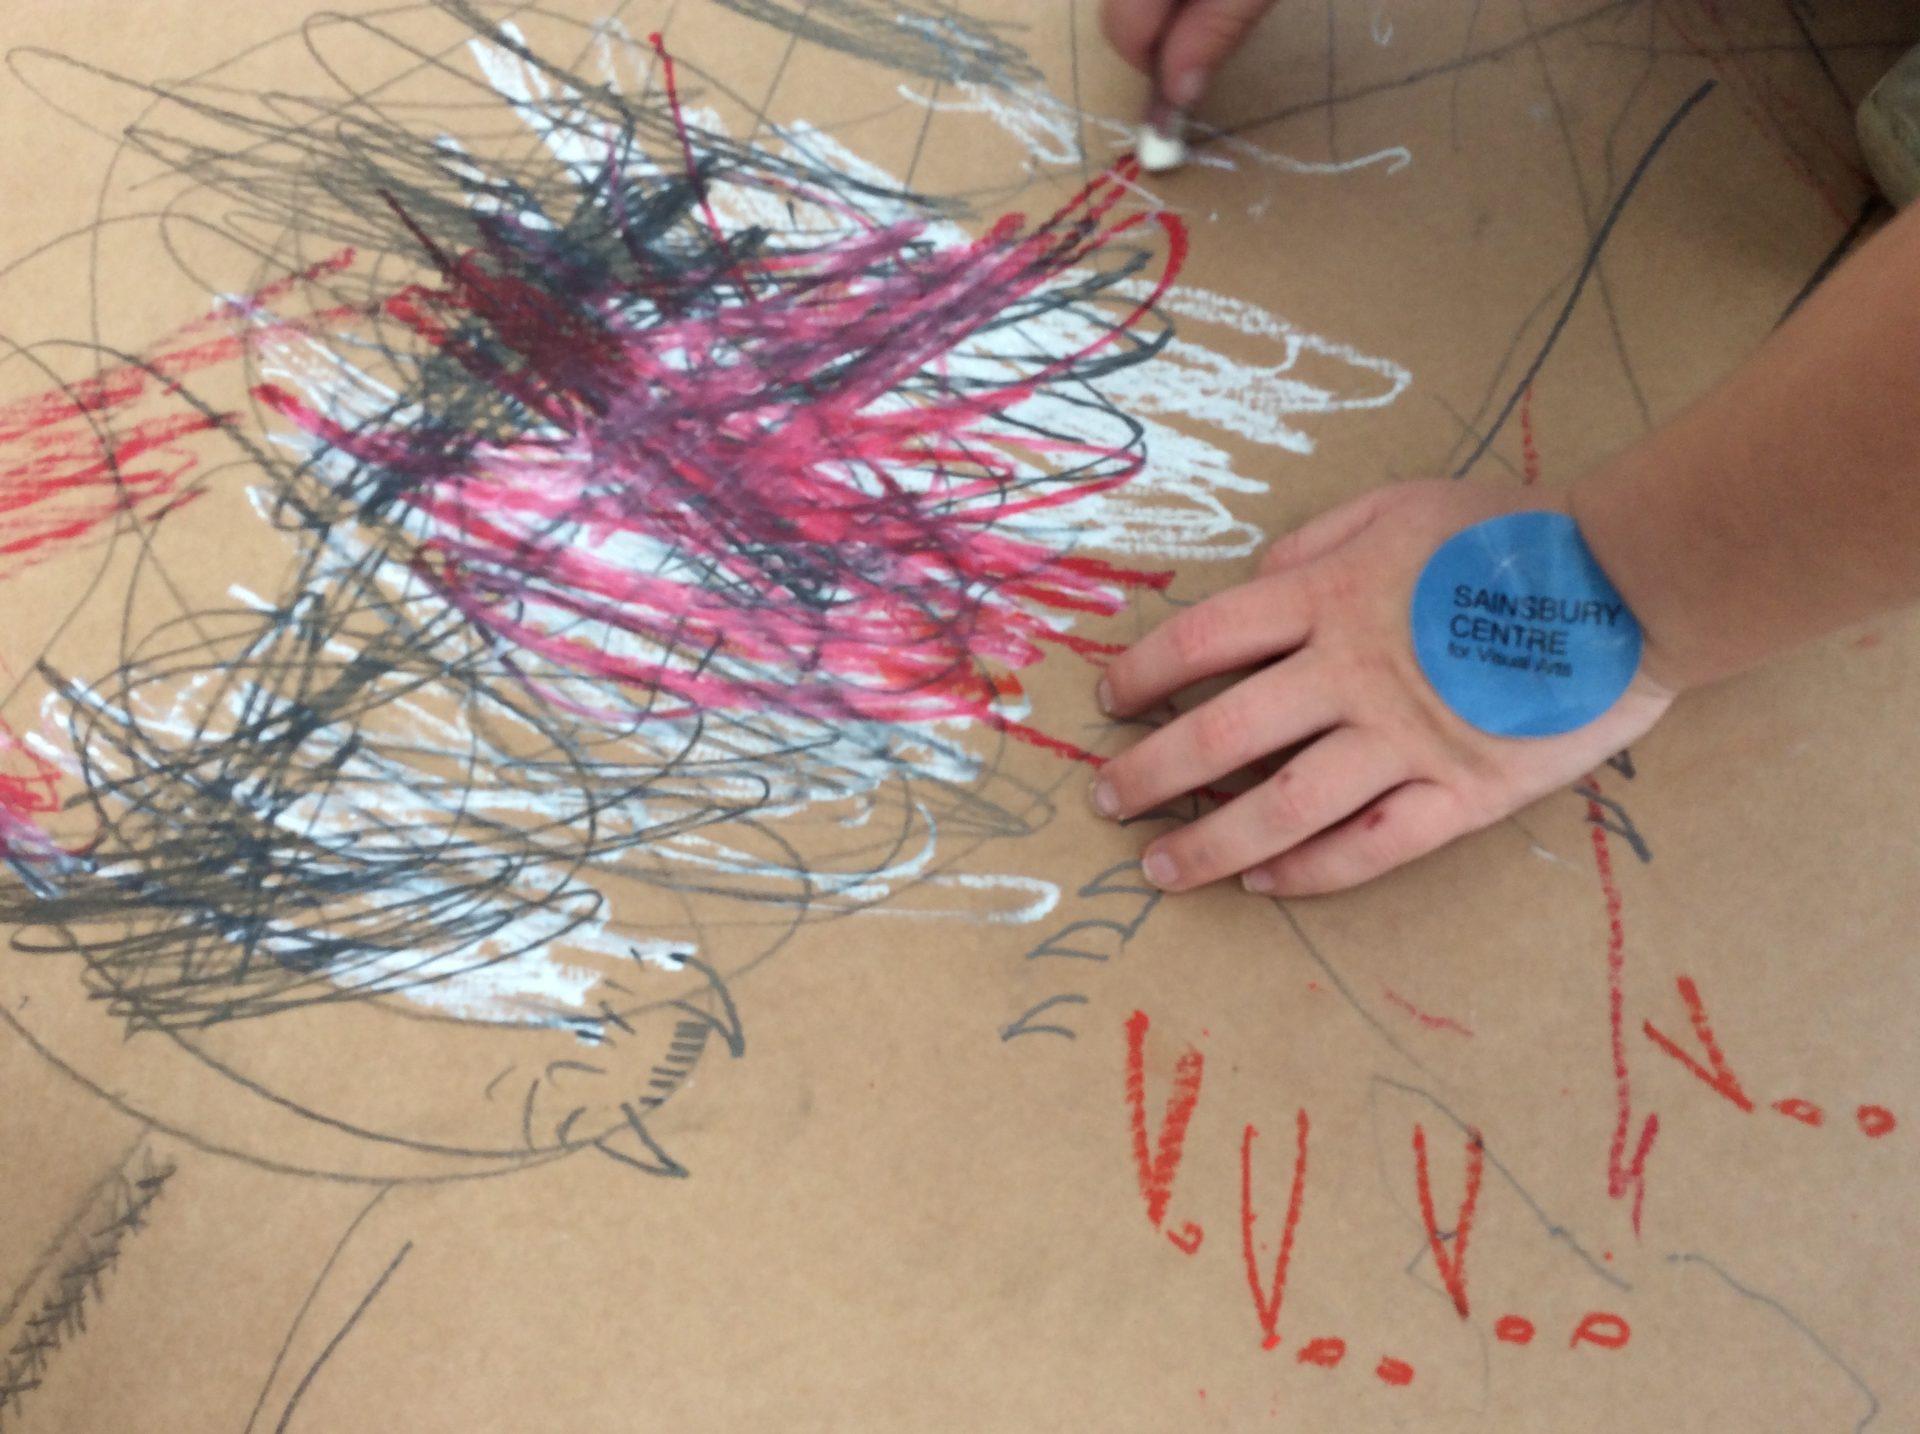 Child's hand, blue sticker, cardboard